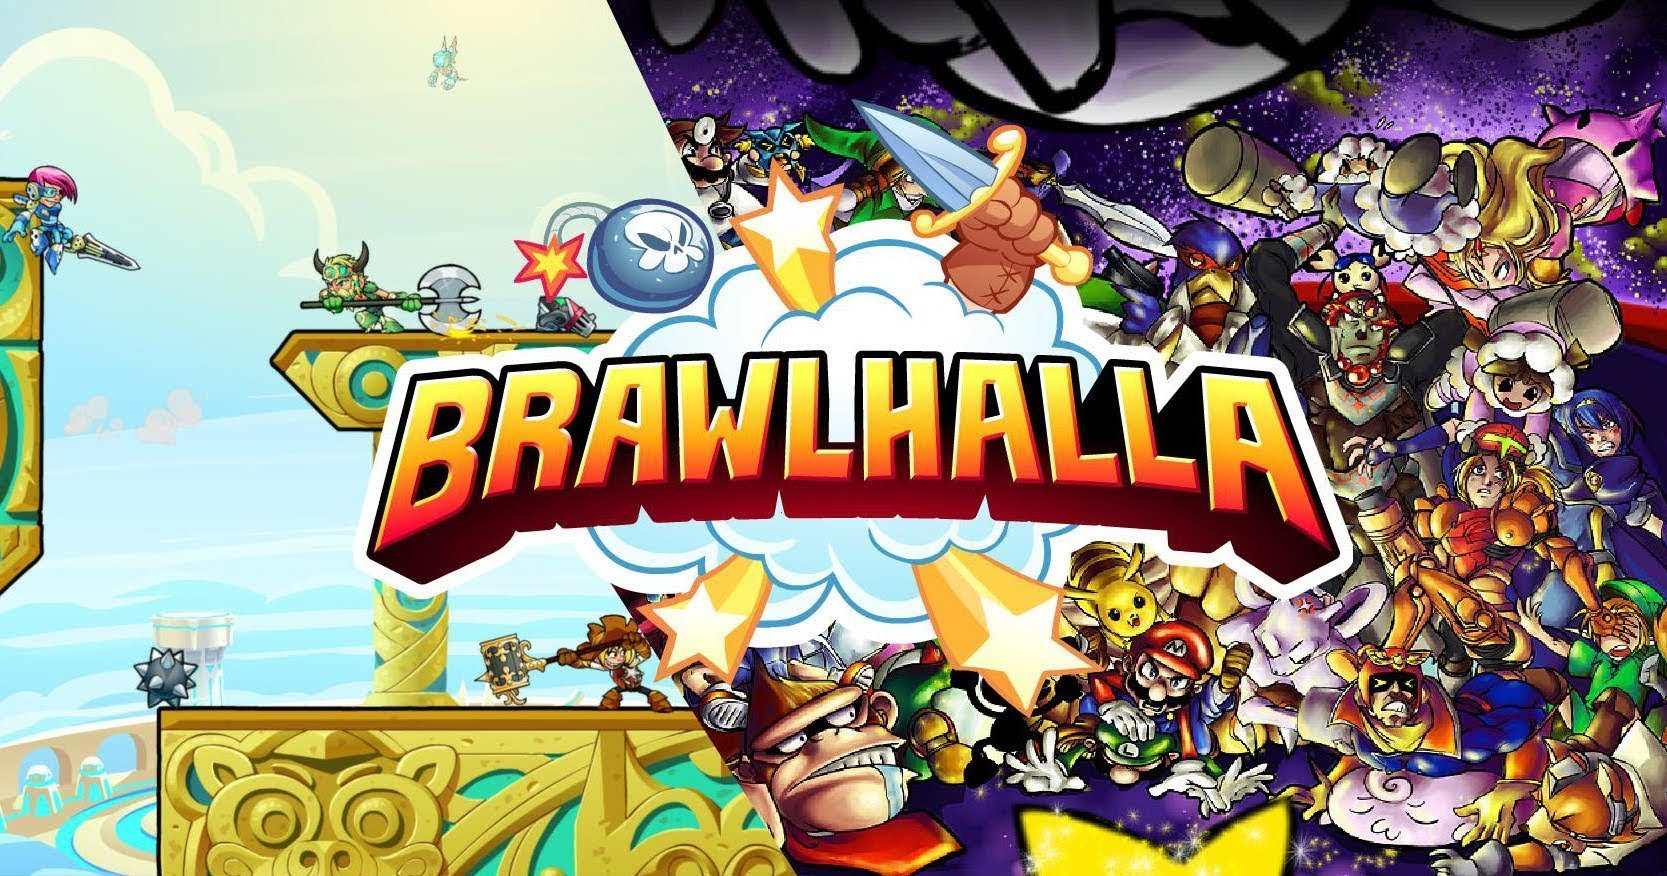 Brawlhalla Il Titolo E In Arrivo Il 6 Novembre Sull Eshop Di Nintendo Switch